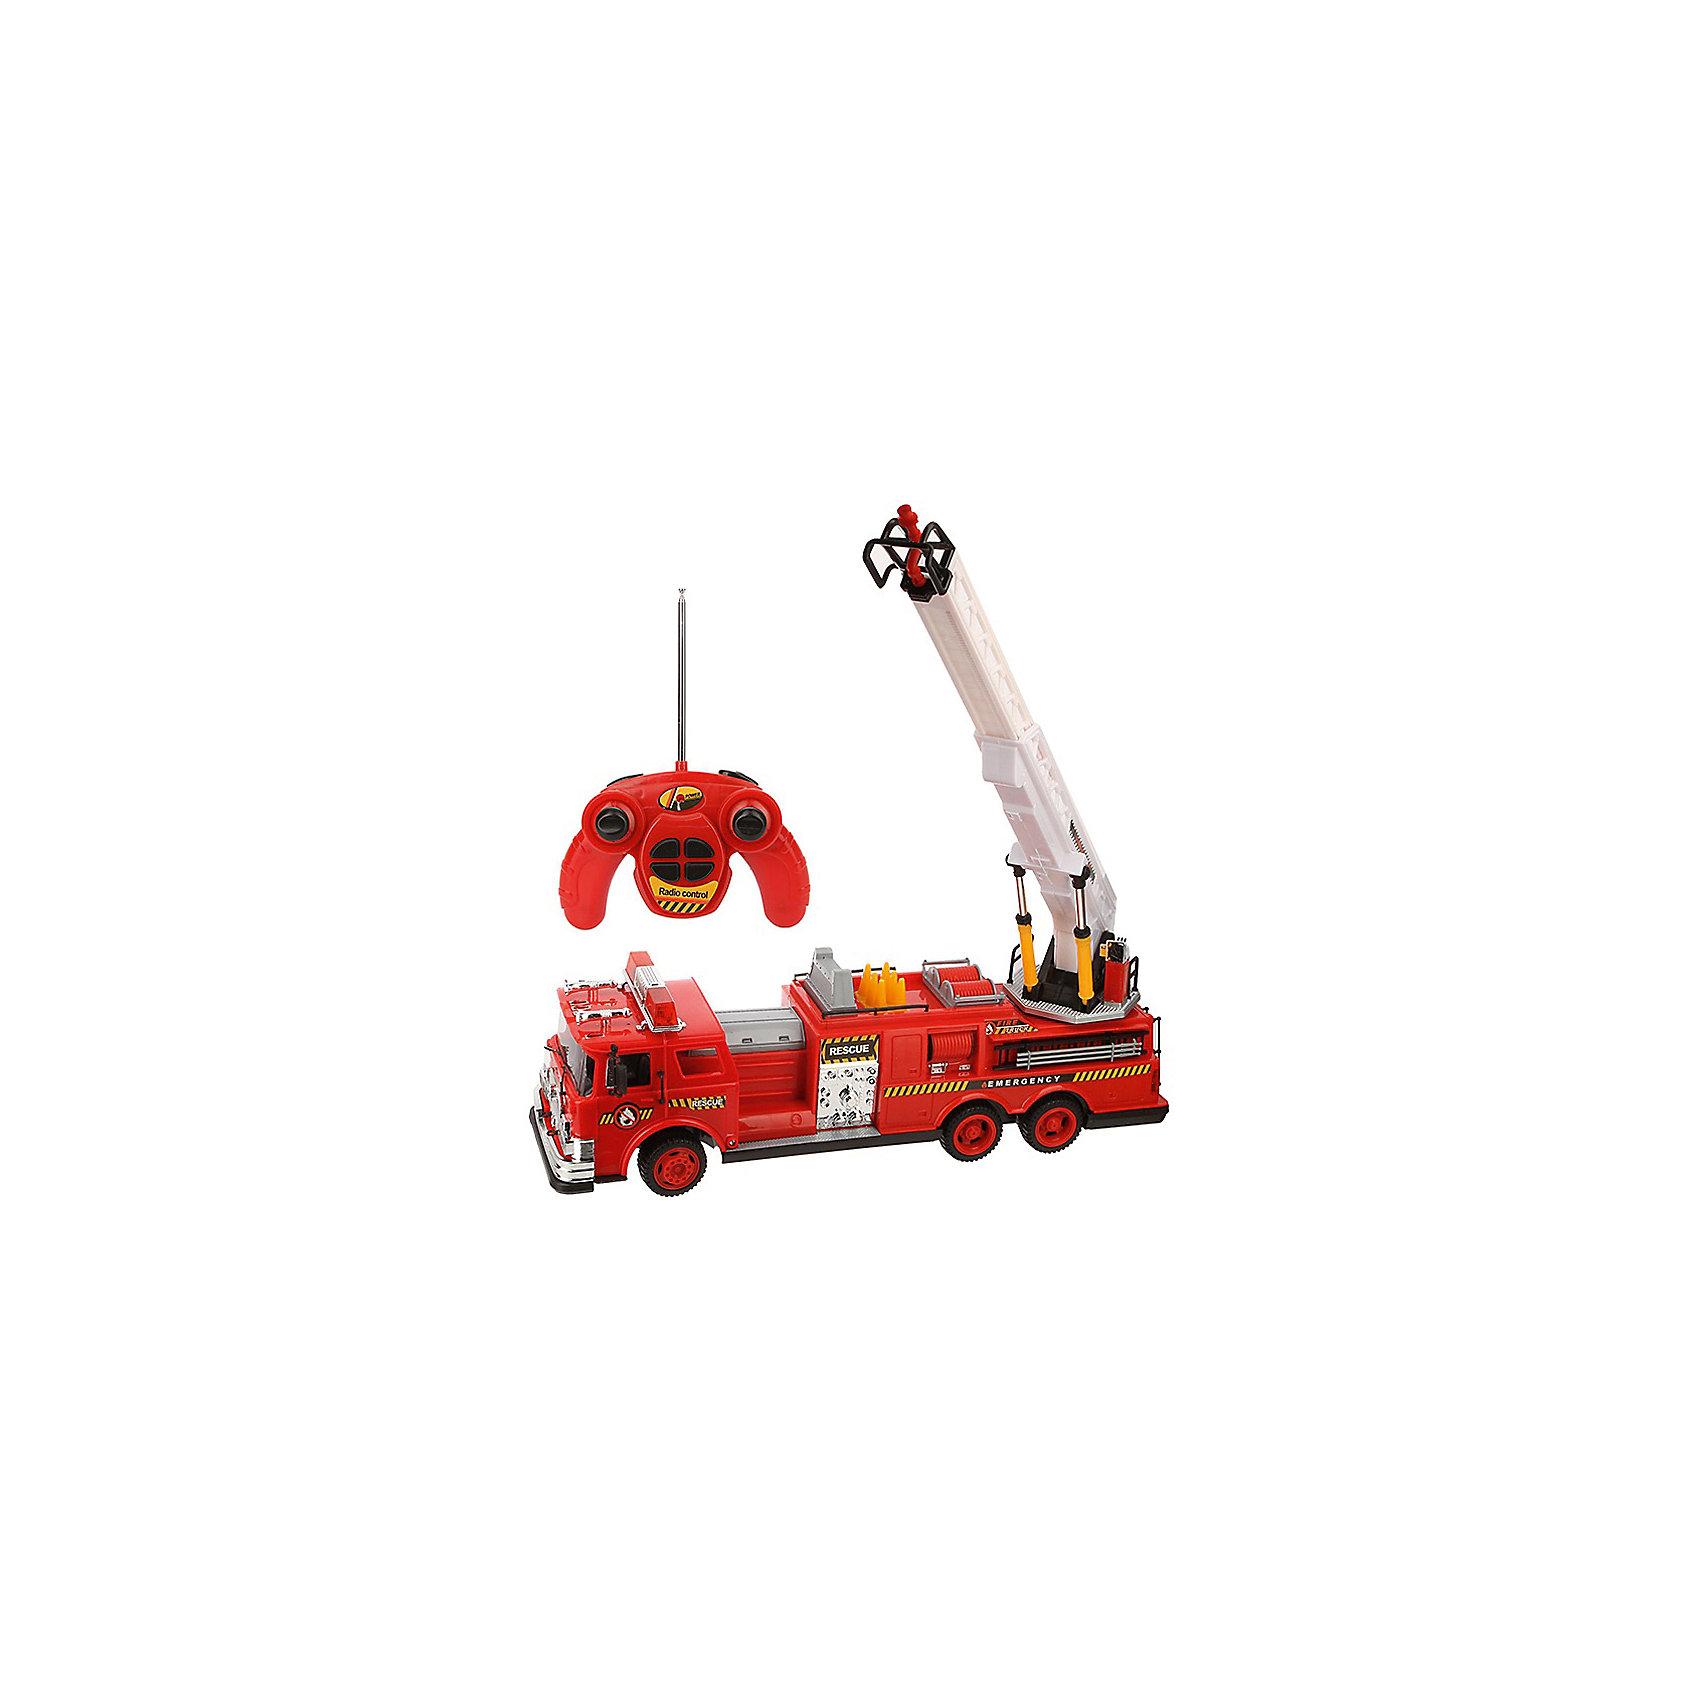 Радиоуправляемая машинка Yako Toys Пожарная Fire EngineРадиоуправляемые машины<br>С радиоуправляемой пожарной машиной ребенок сможет возглавить пожарную бригаду и отправиться на опасную миссию по устранению пожара. Модель автомобиля тщательно проработана и детализирована, а также оснащена выдвижной пожарной лестницей.Пульт управления  прост в использовании, что позволит добиться еще большей маневренности пожарного автомобиля. С такой серьезной техникой жители игрушечного городка смогут спать спокойно и чувствовать себя в полной безопасности.•Классическая красно-белая расцветка пожарной службы.•Игрушка изготовлена из высококачественного пластика с металлическими элементами.•На крыше транспортного средства установлен подъемник с лестницей. Его можно вращать на 360°, поднимать и опускать, а также раздвигать и вытягивать, увеличивая в длину. •Удобный для детских рук и простой в обращении пульт управления.•В комплекте машинка, пульт управления.<br><br>Ширина мм: 700<br>Глубина мм: 160<br>Высота мм: 240<br>Вес г: 2500<br>Возраст от месяцев: 36<br>Возраст до месяцев: 72<br>Пол: Мужской<br>Возраст: Детский<br>SKU: 7172274